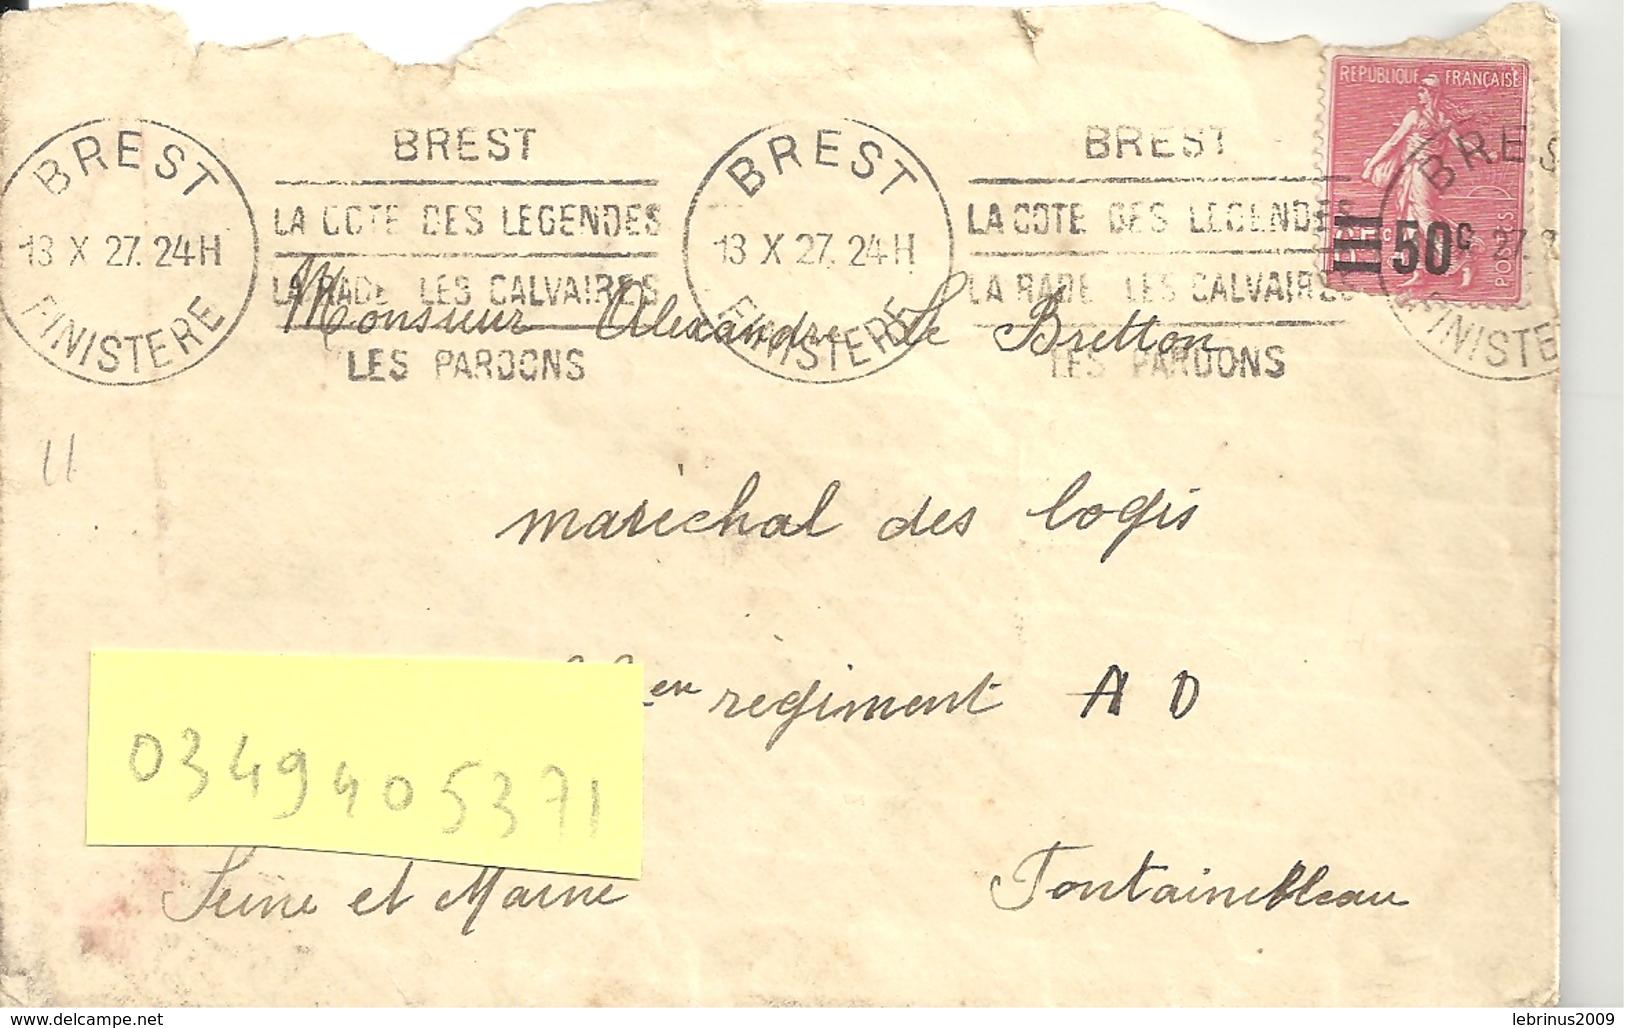 """N°224 BREST Pour FONTAINEBLEAU Du 13 X 27 Flamme """" BREST LA COTE DES LEGENDES LA RADE ....."""" - Oblitérations Mécaniques (flammes)"""